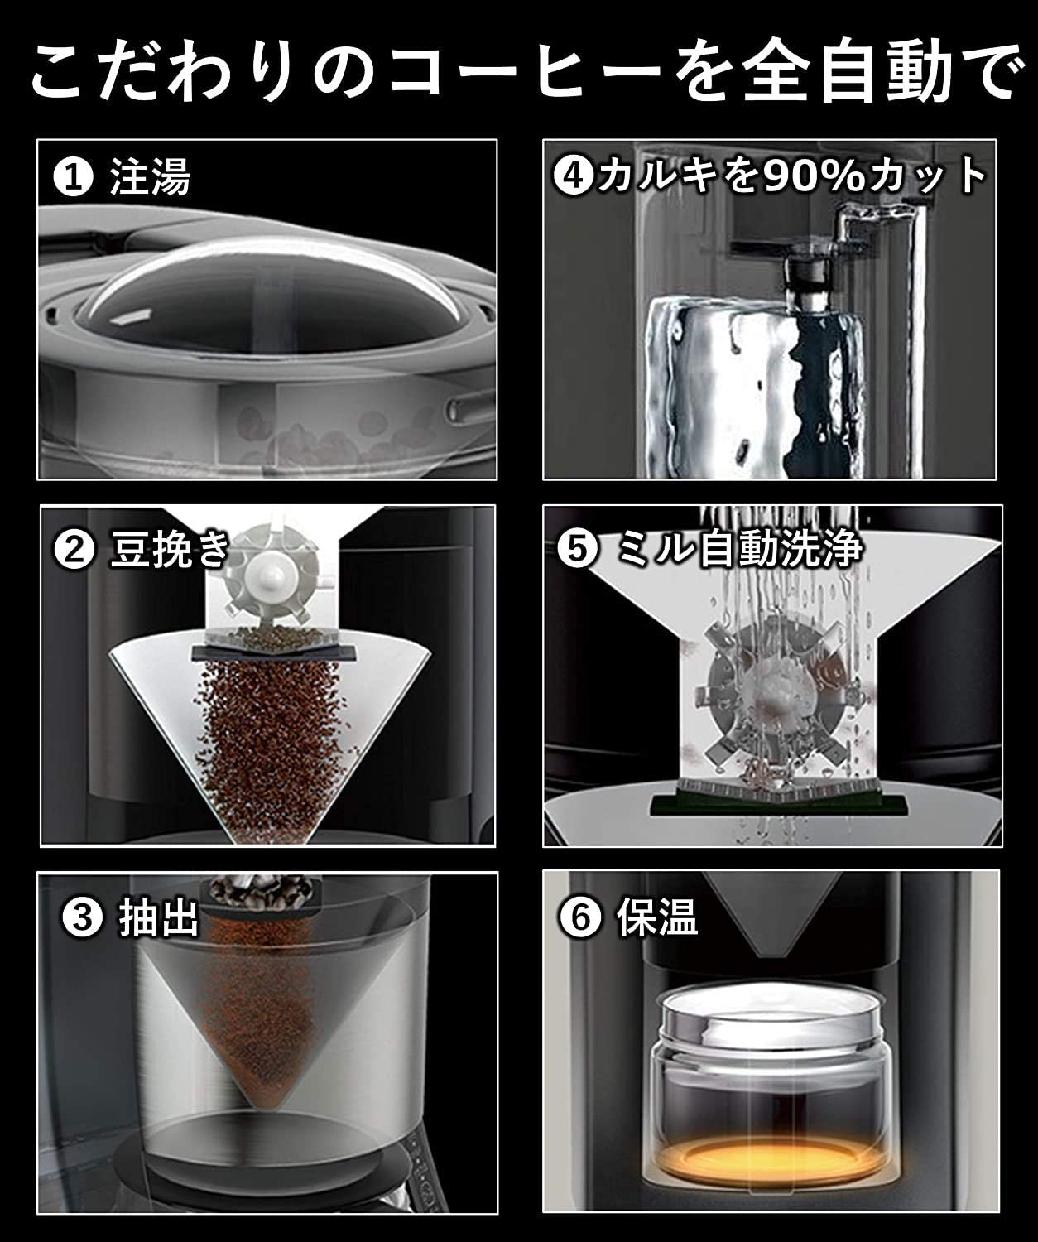 Panasonic(パナソニック)沸騰浄水コーヒーメーカー NC-A57の商品画像3